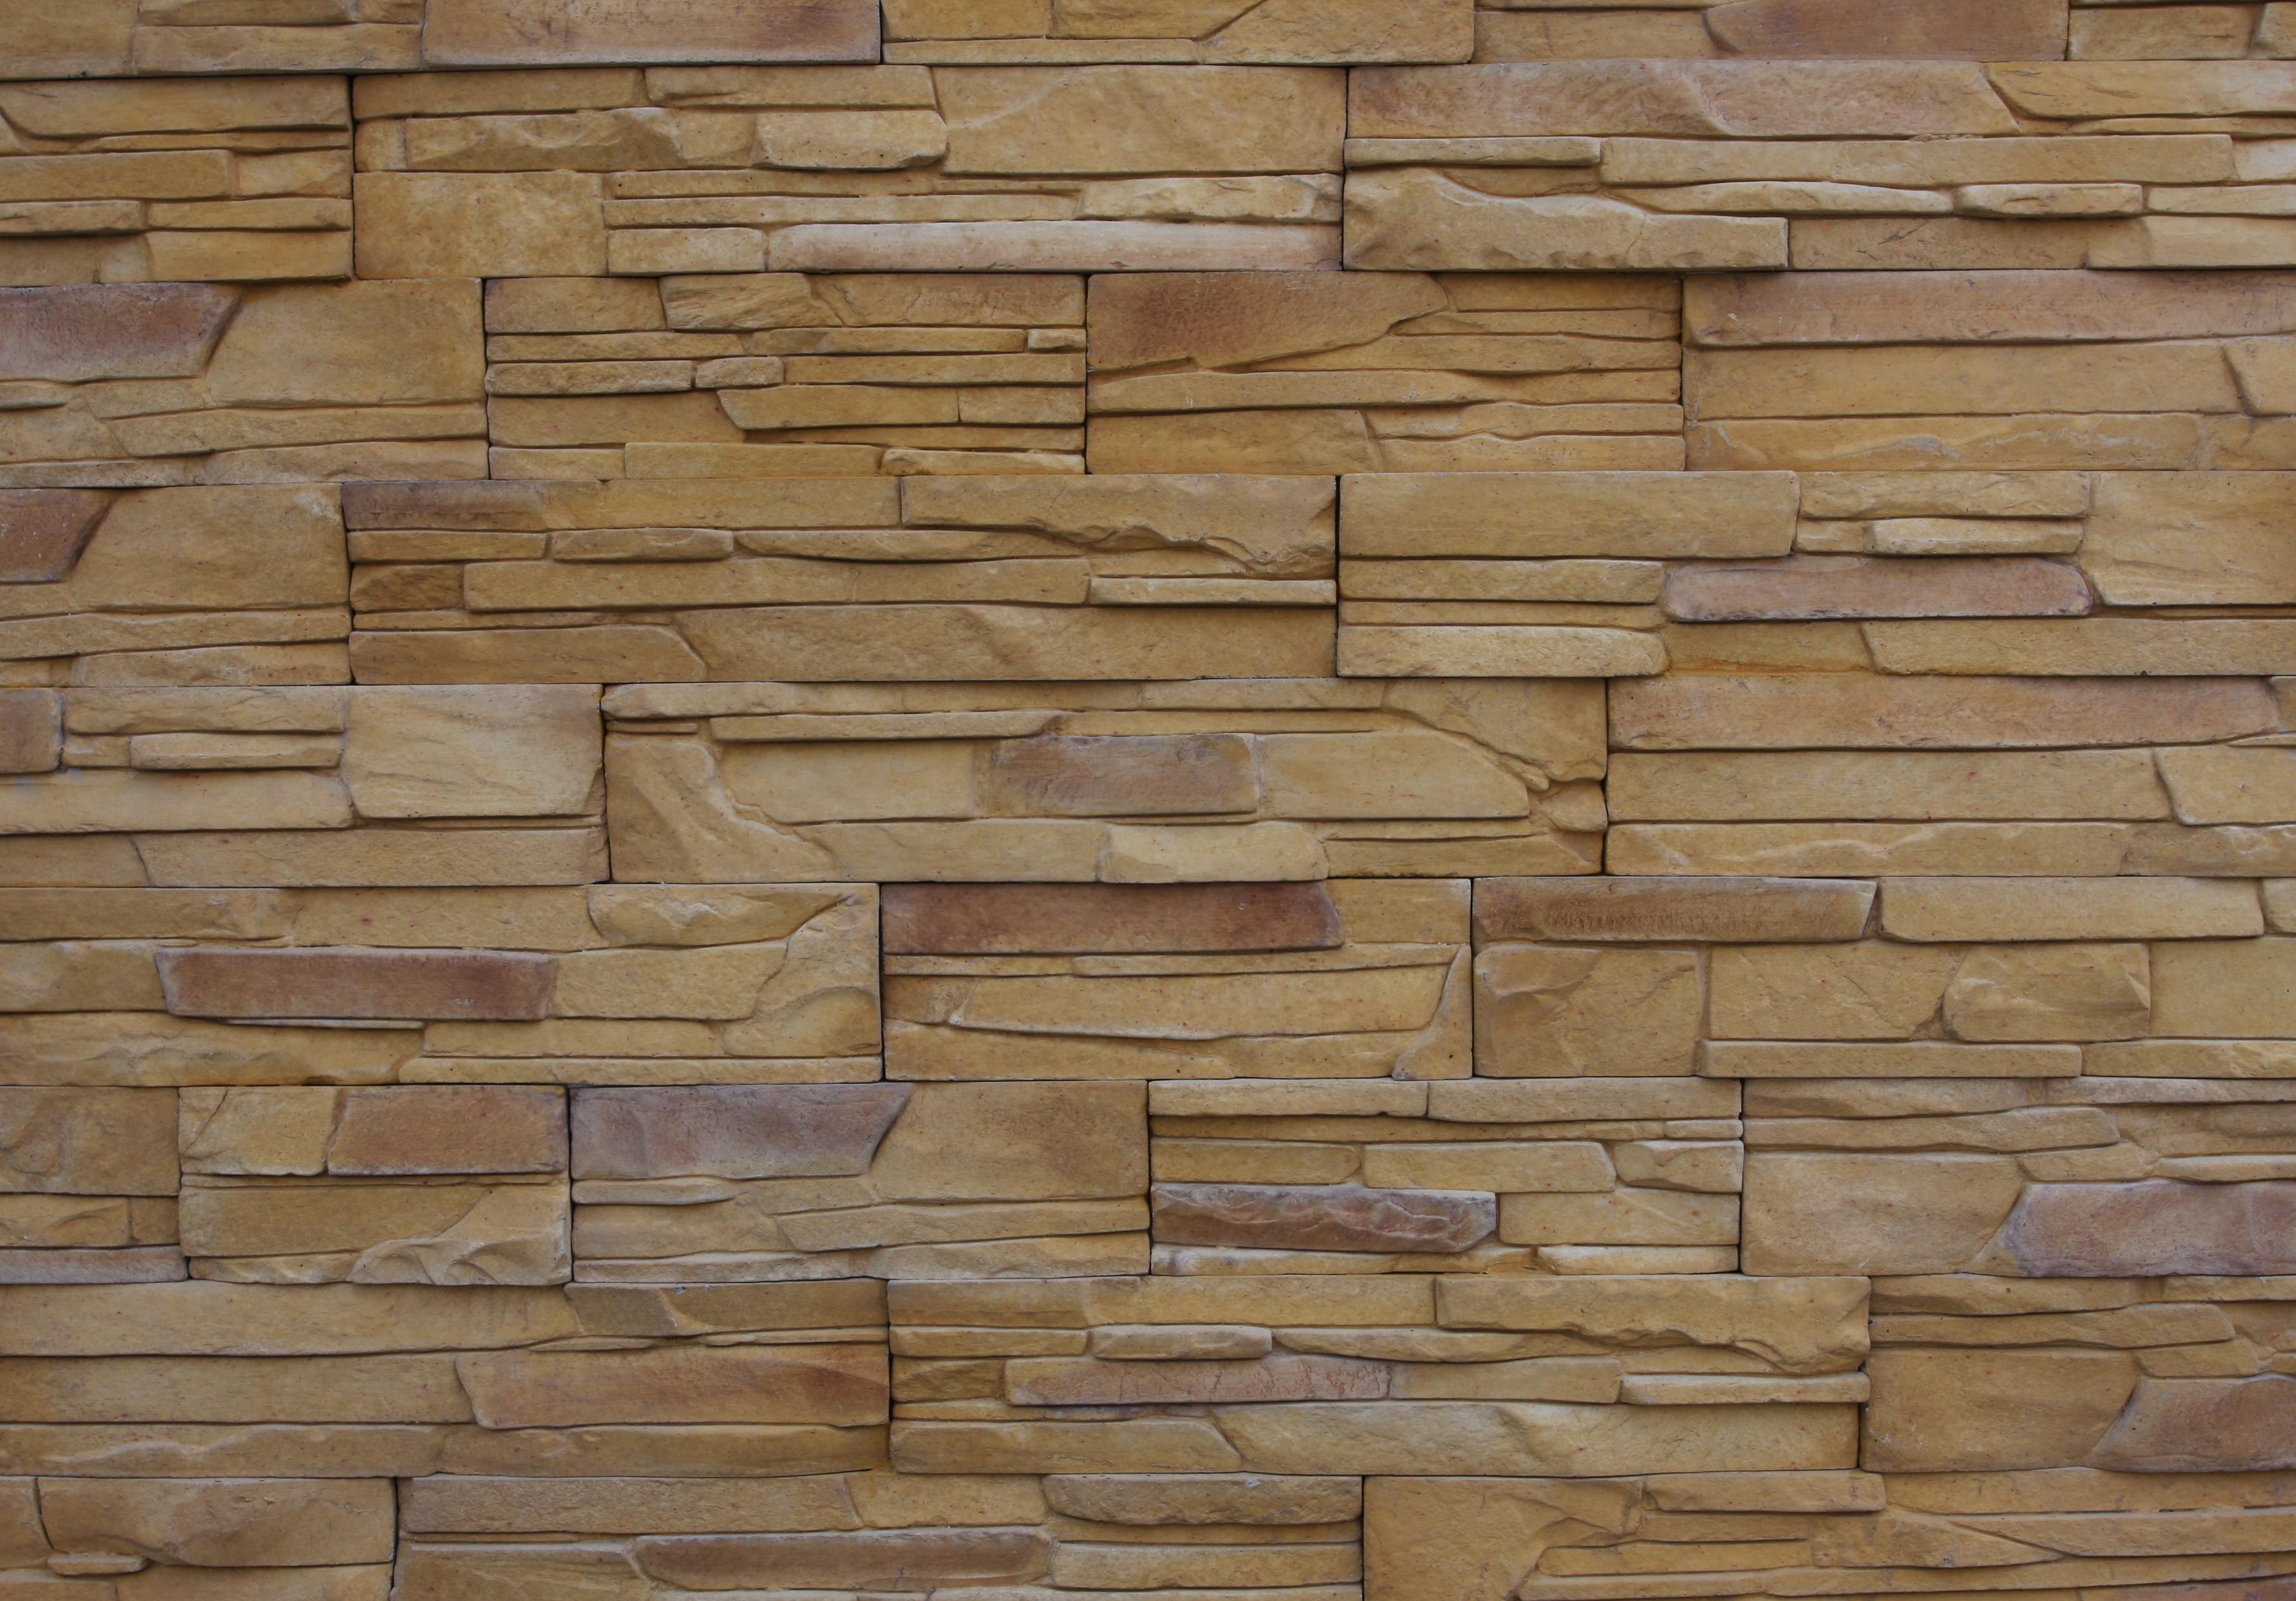 Deko Steinwand Kosten : Steinwand Wohnzimmer Selber Machen  Jtleighcom  Hausgestaltung